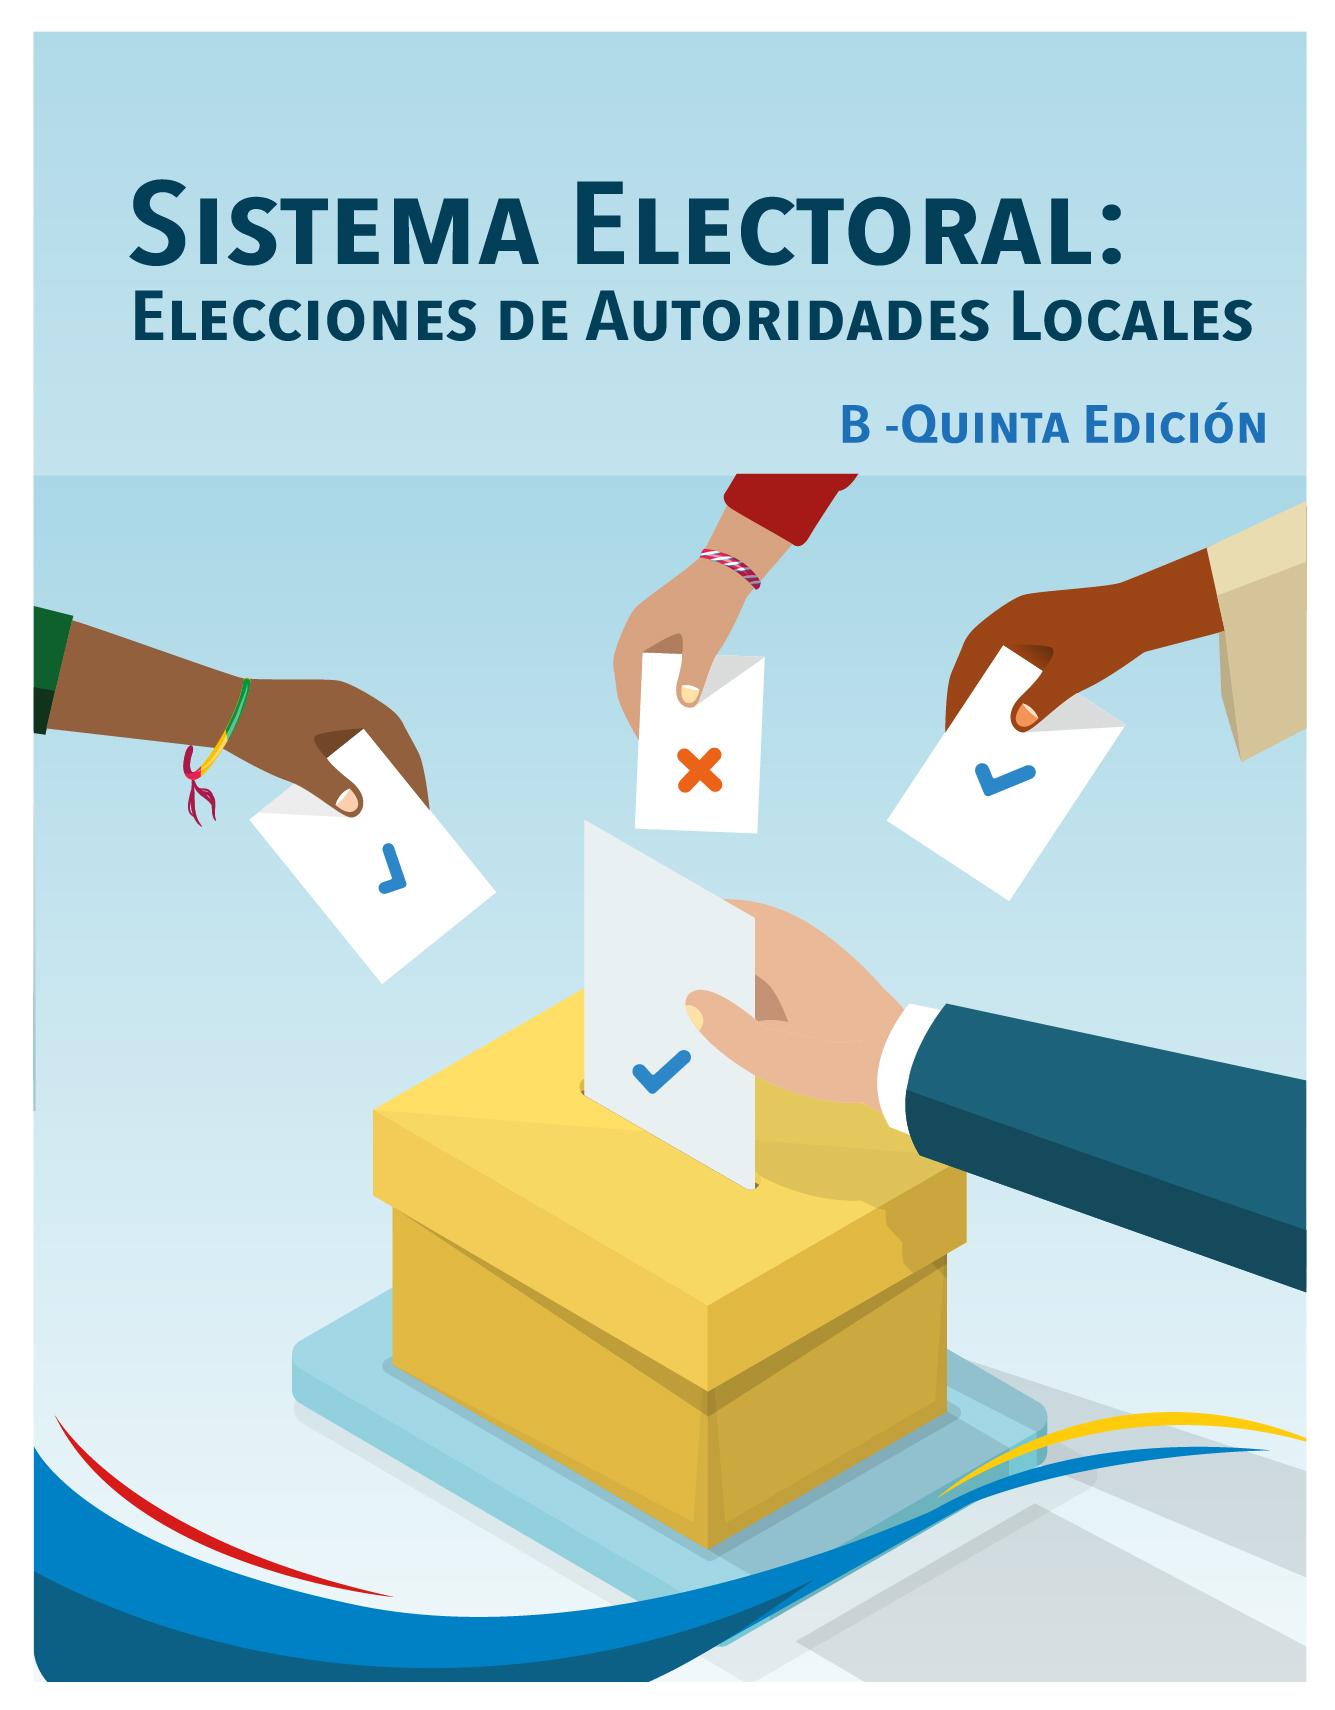 Sistema Electoral: Elecciones de Autoridades Locales